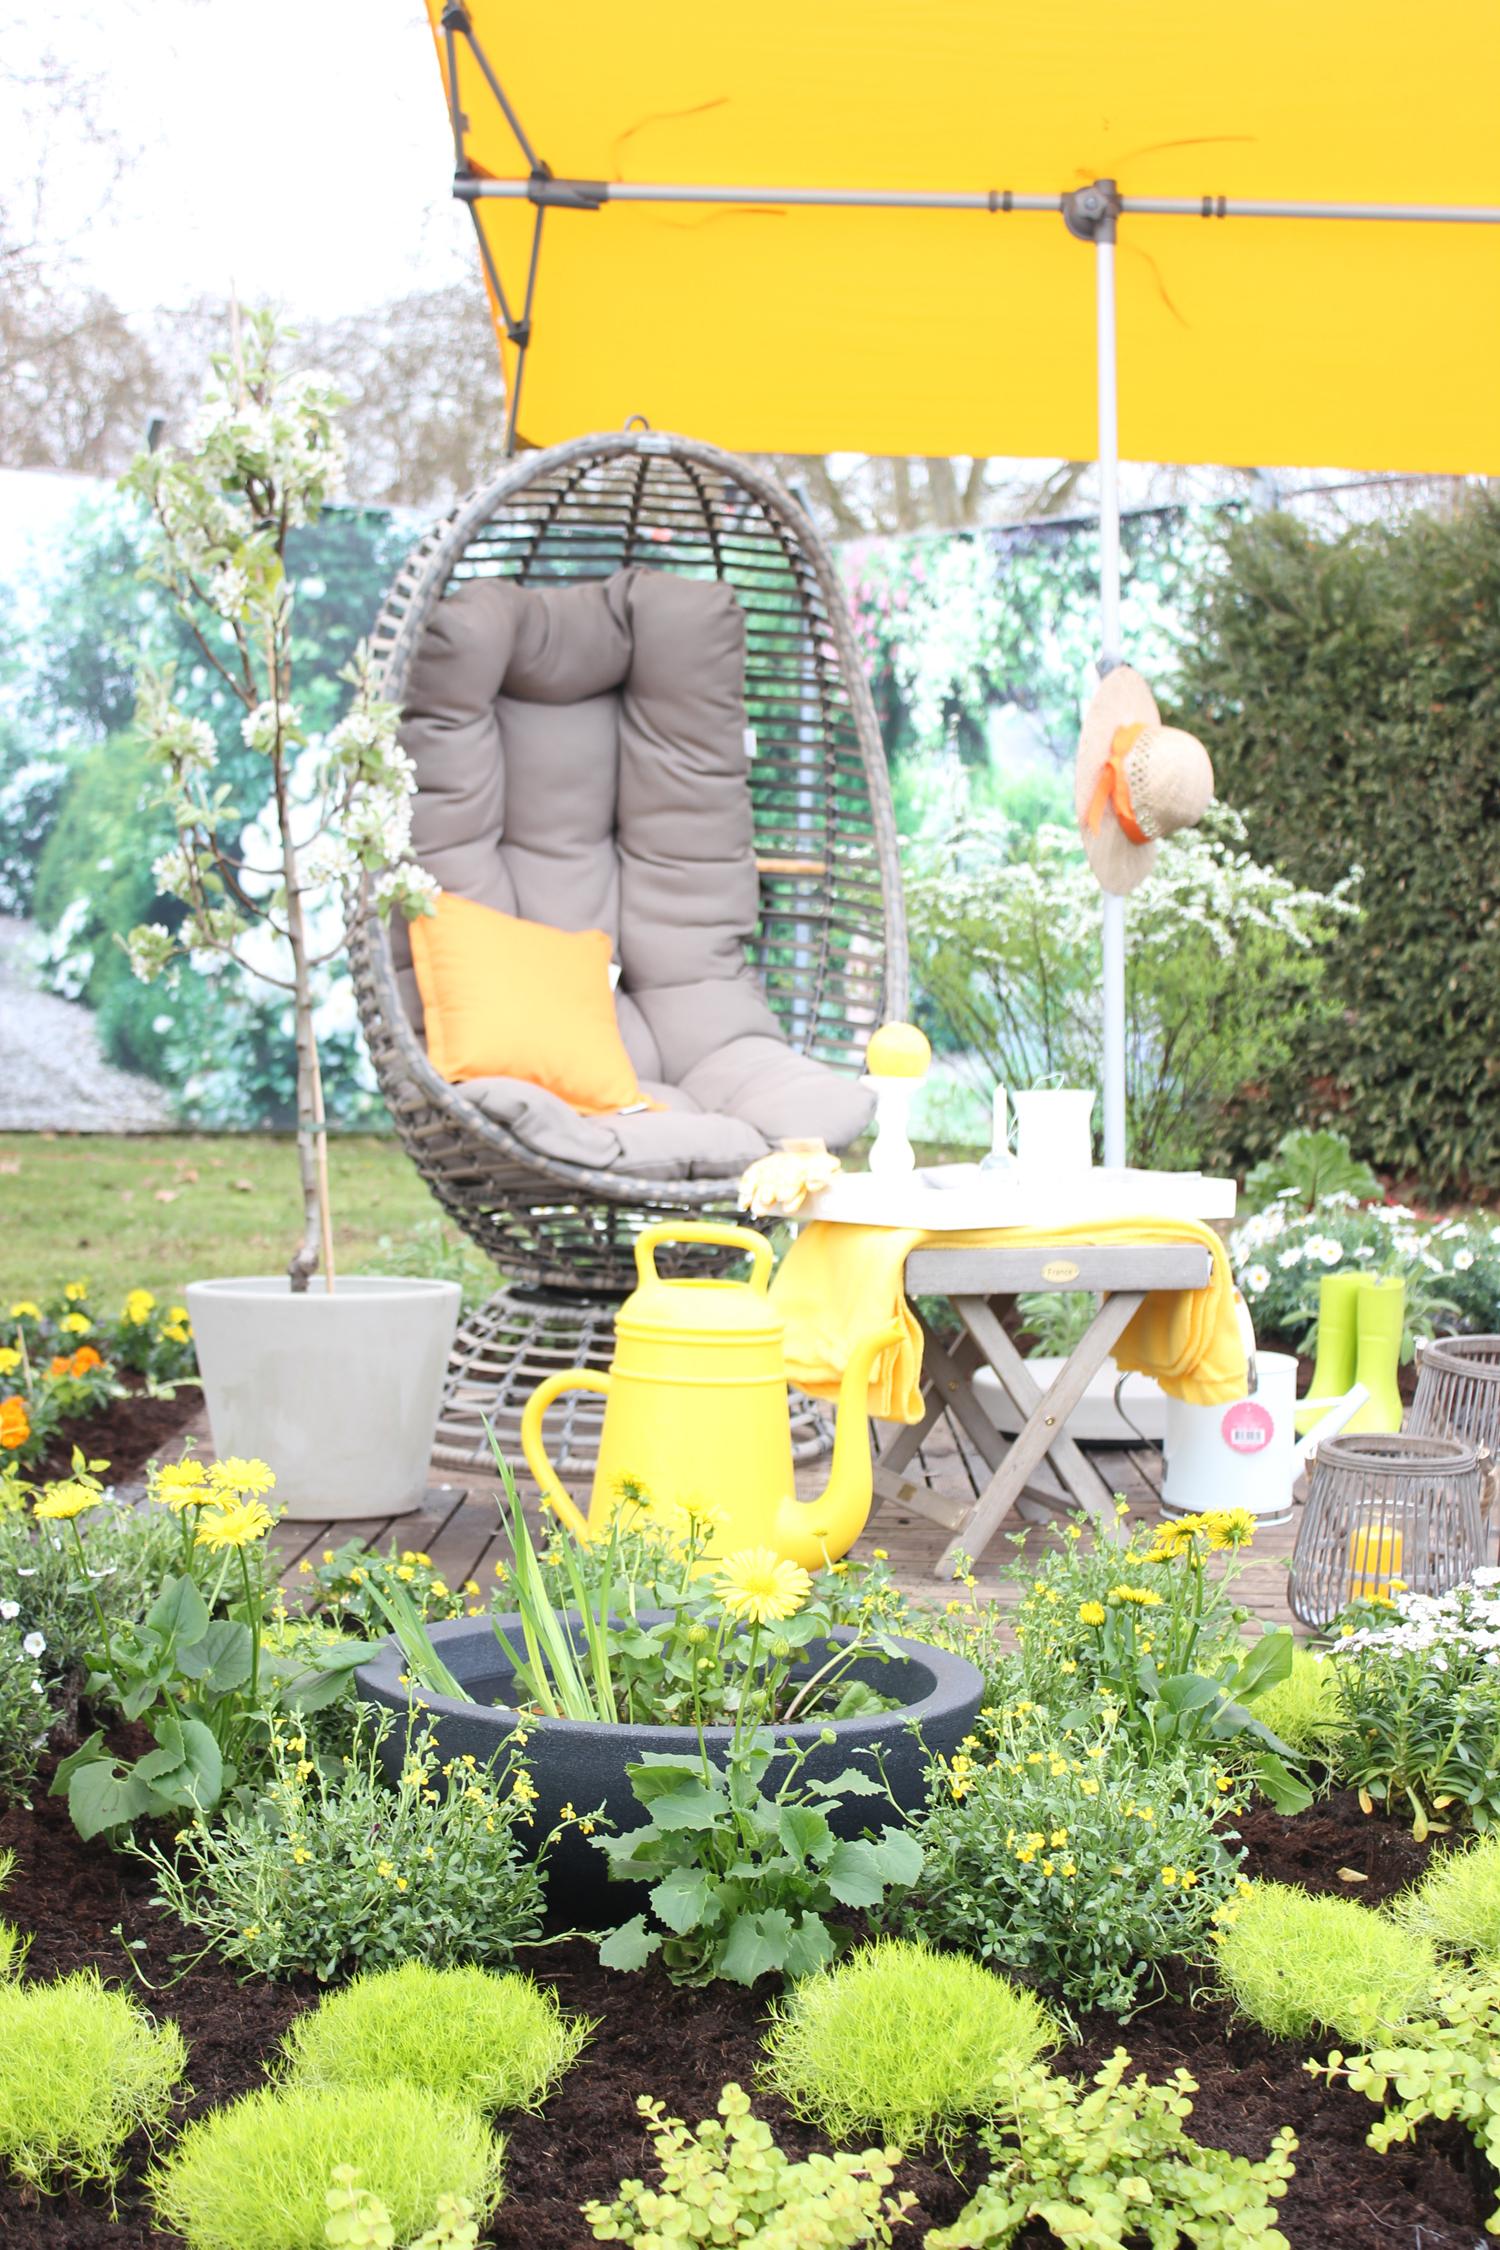 Bloggerevent Garden Queen Ein Wettbewerb für Hobbygärtner